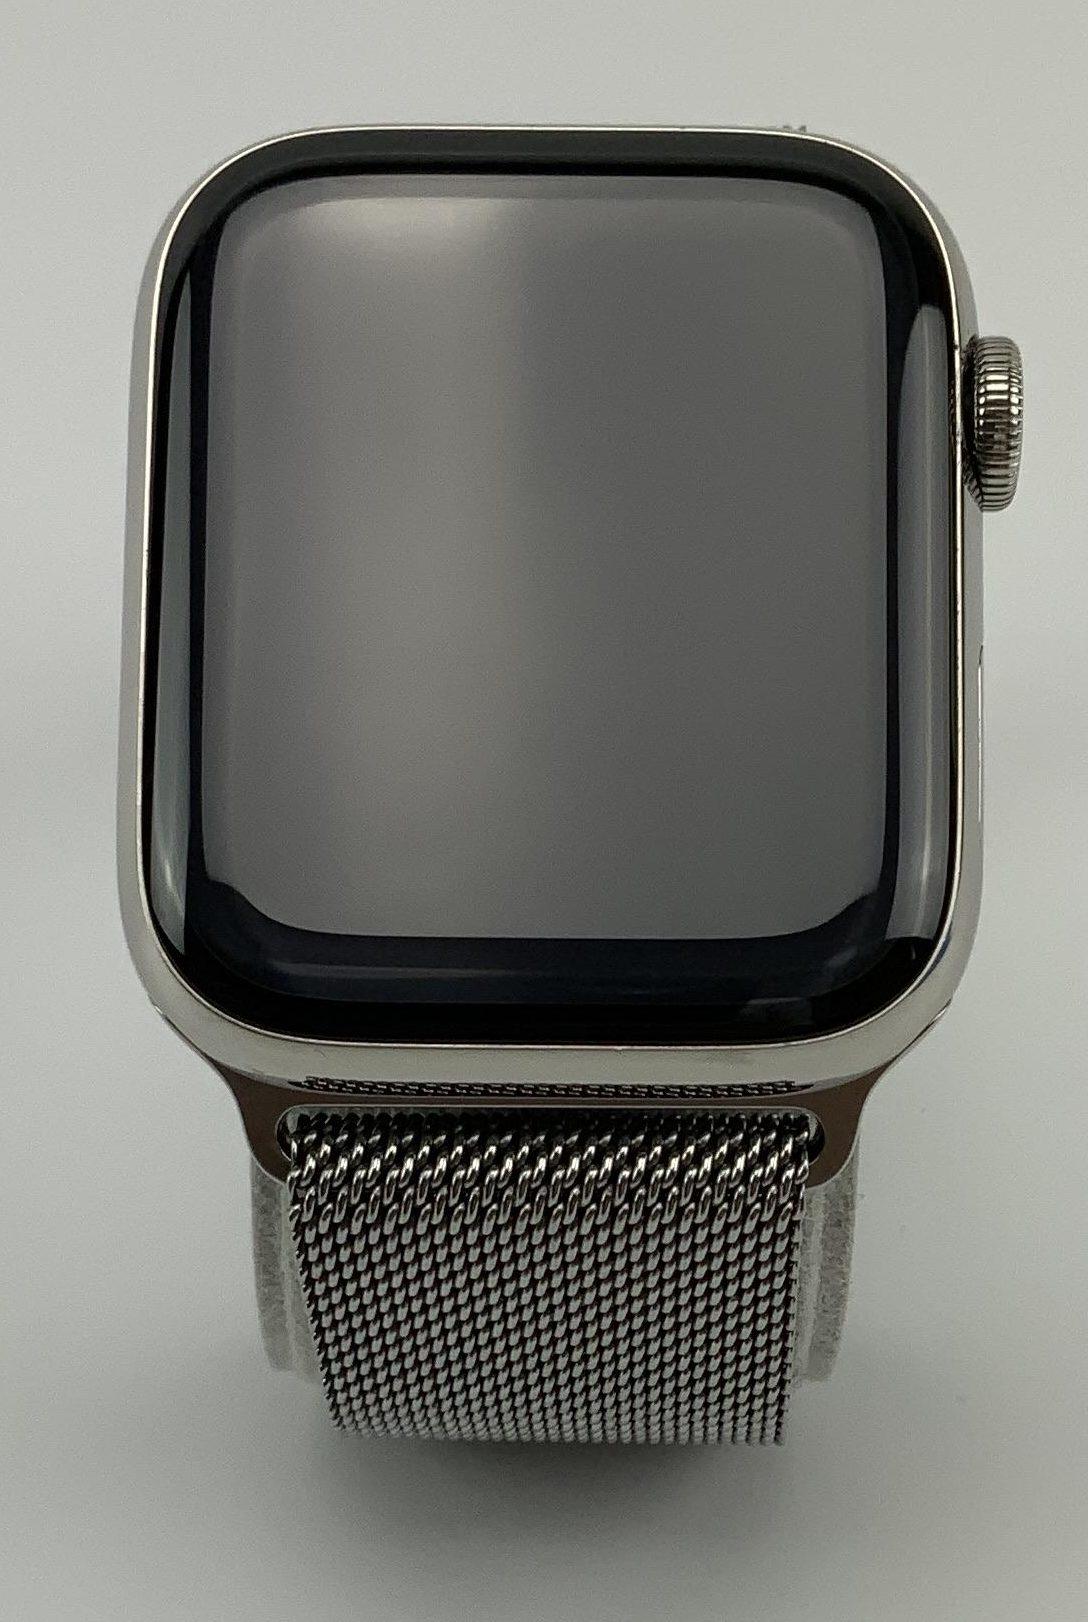 Watch Series 5 Steel Cellular (44mm), Silver, Bild 1